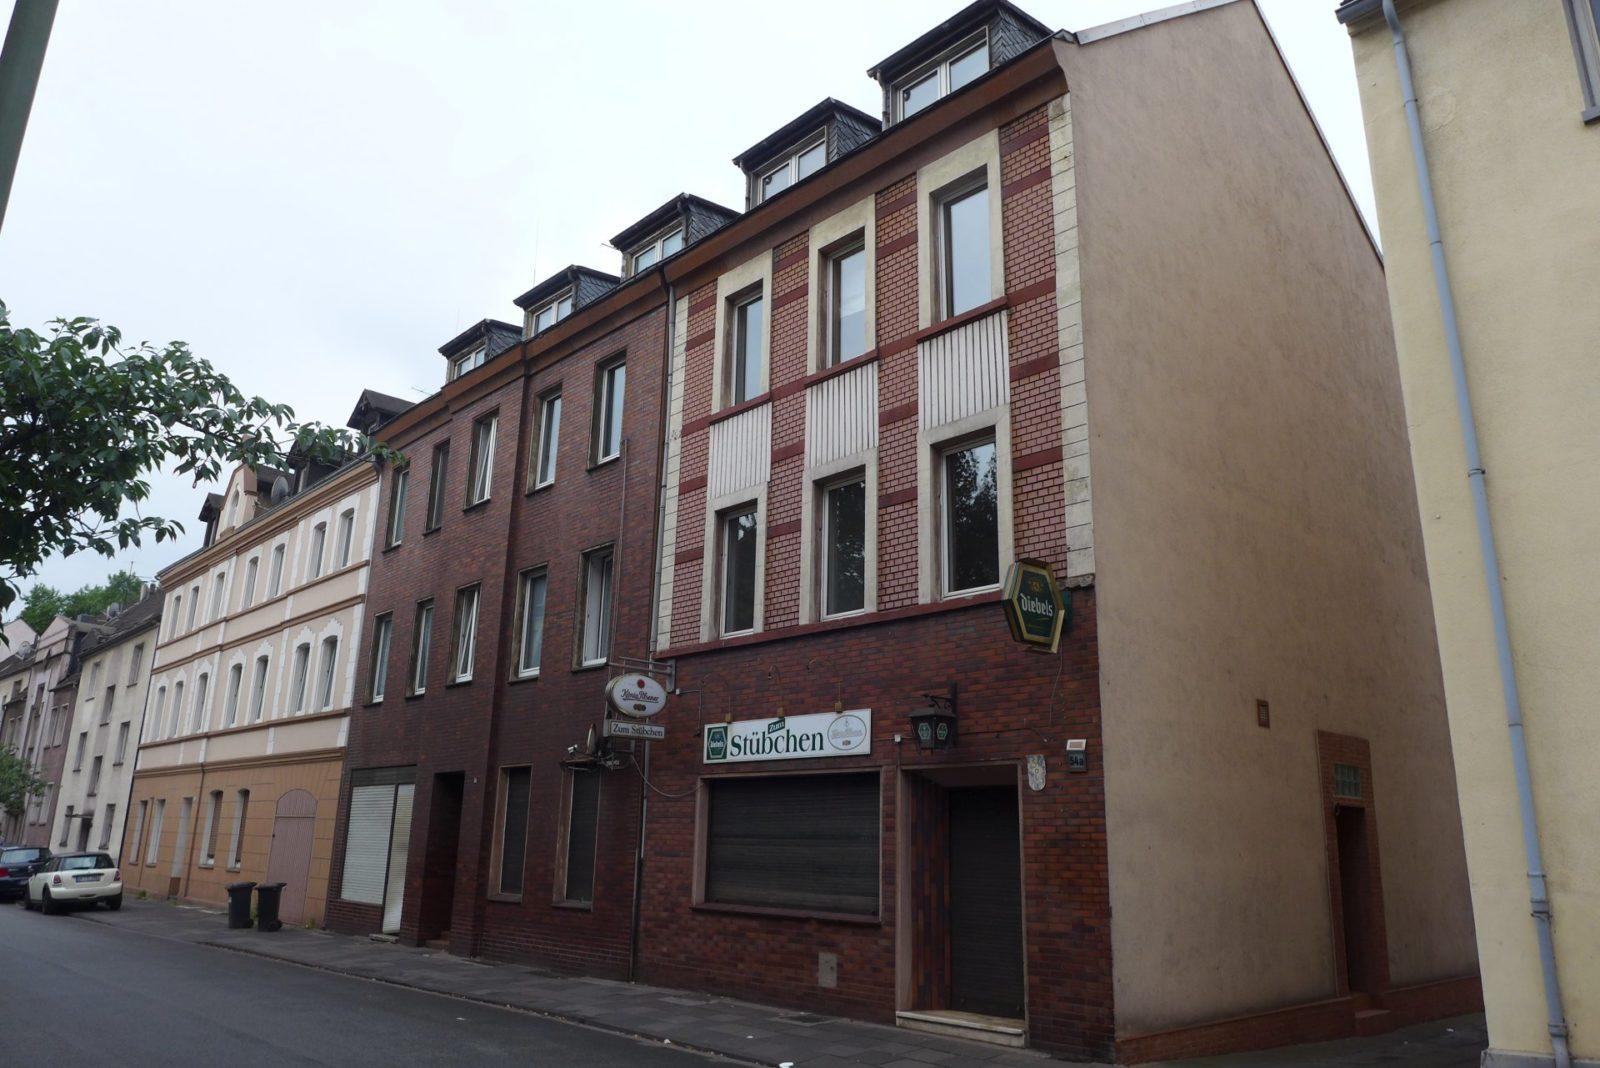 Wiesenstraße 54 A, 47169 Duisburg